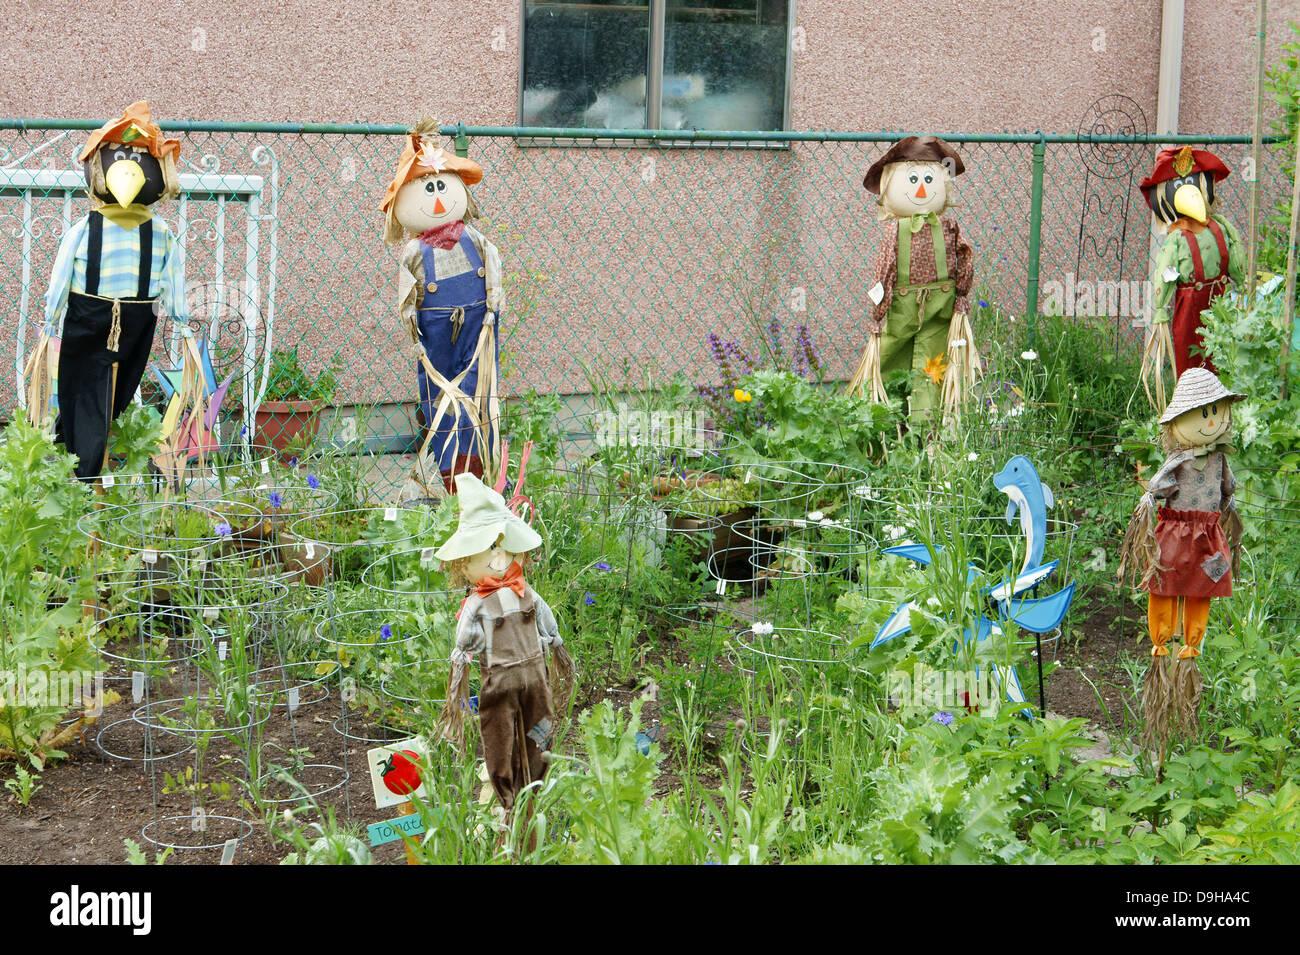 scarecrows in a backyard vegetable garden vancouver bc canada